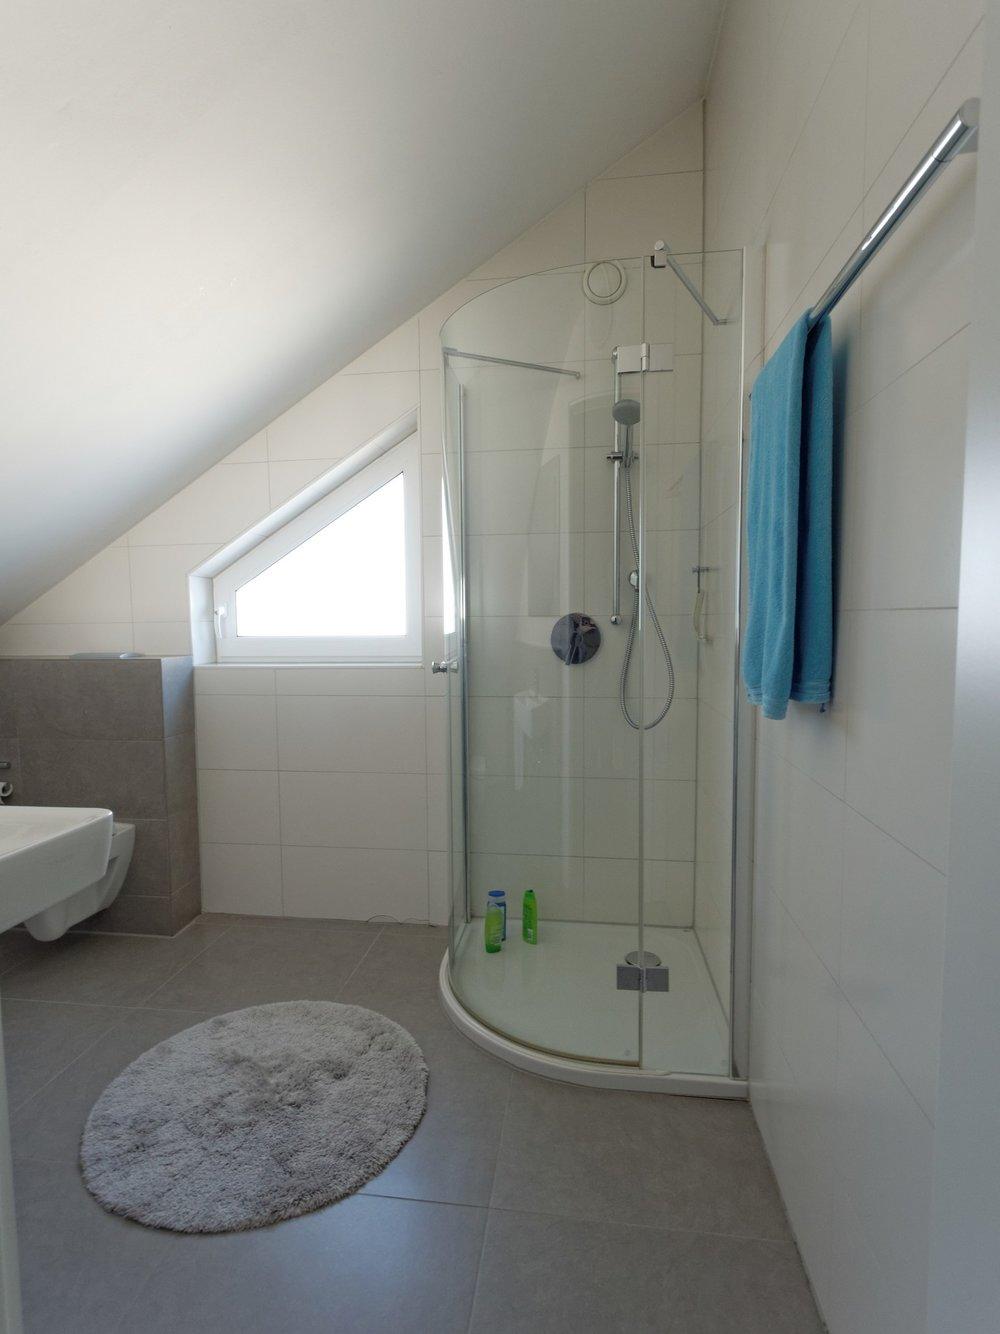 Dachgeschoss - zweites Bad mit Dusche und Tageslicht